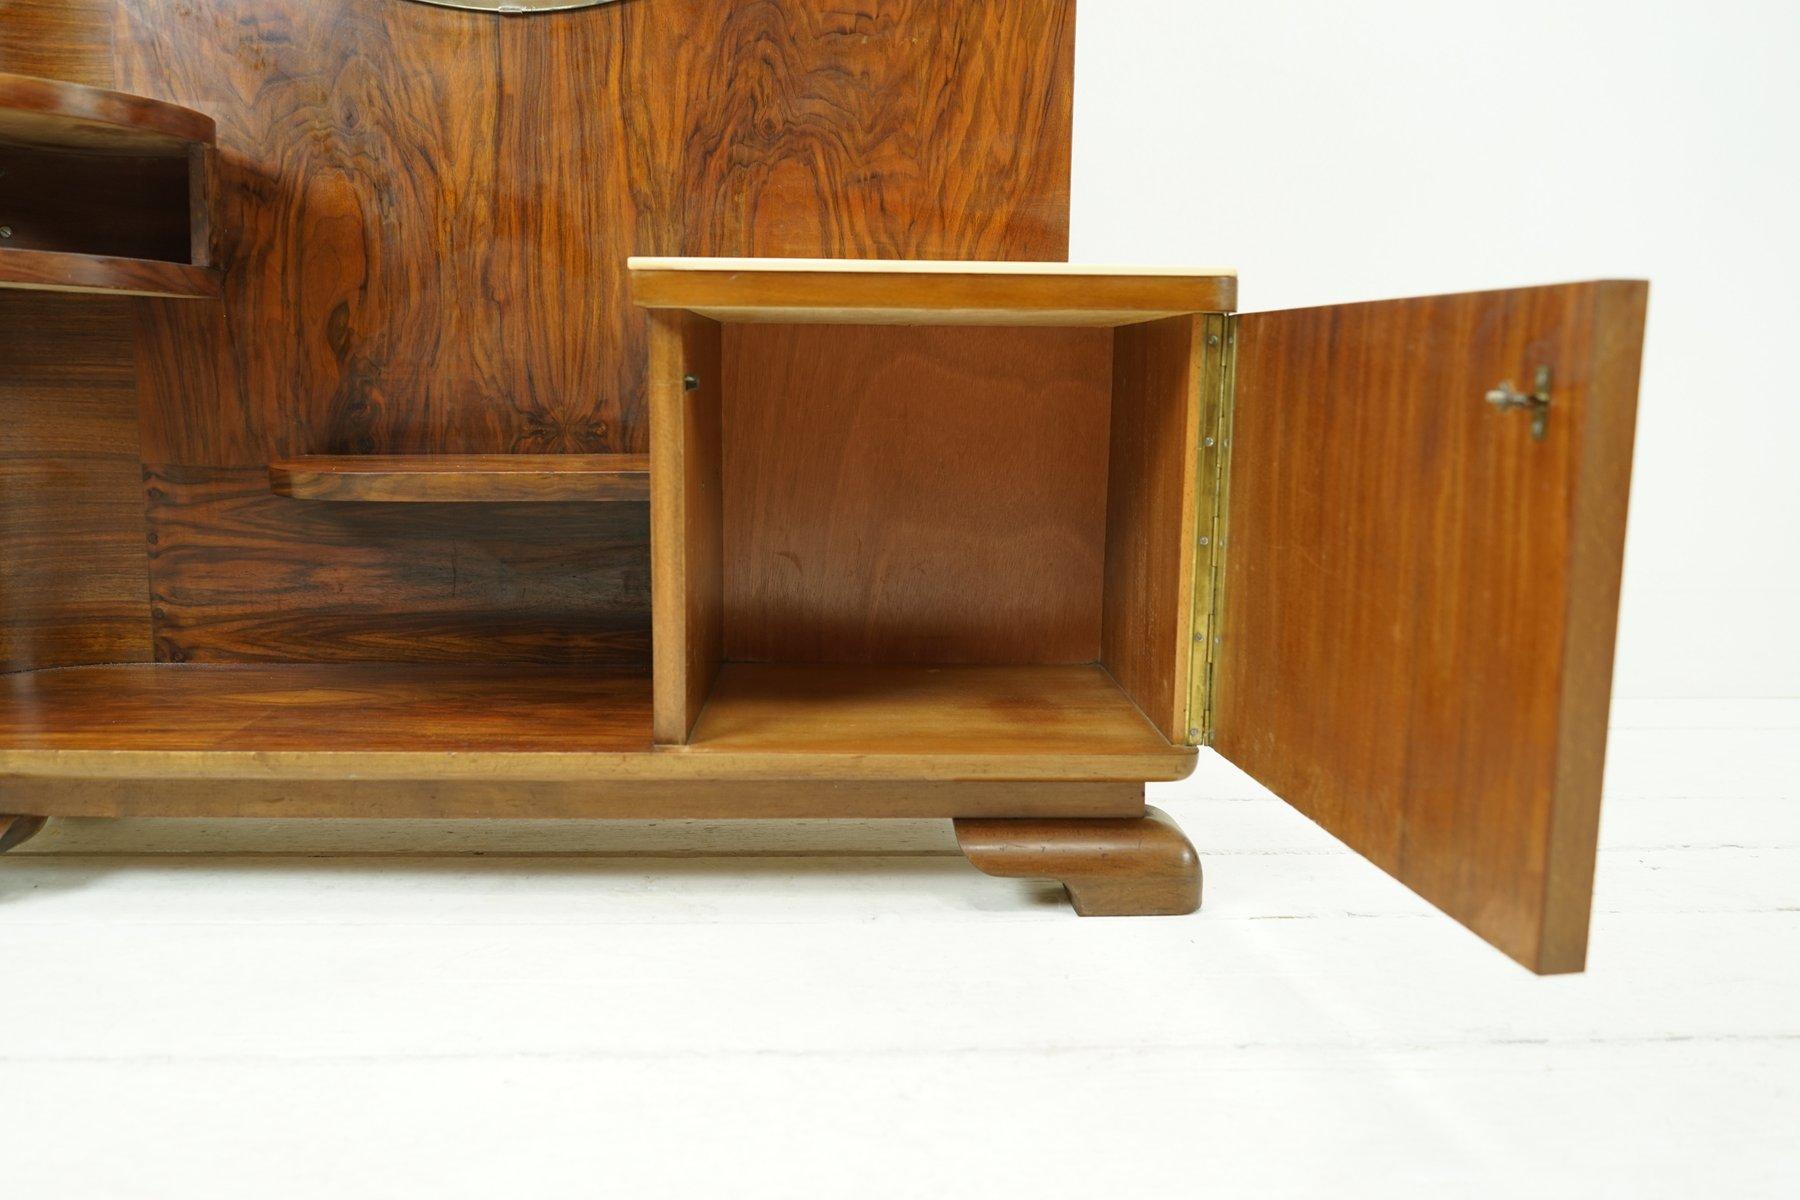 meuble de rangement avec miroir art d co 1930s en vente sur pamono. Black Bedroom Furniture Sets. Home Design Ideas